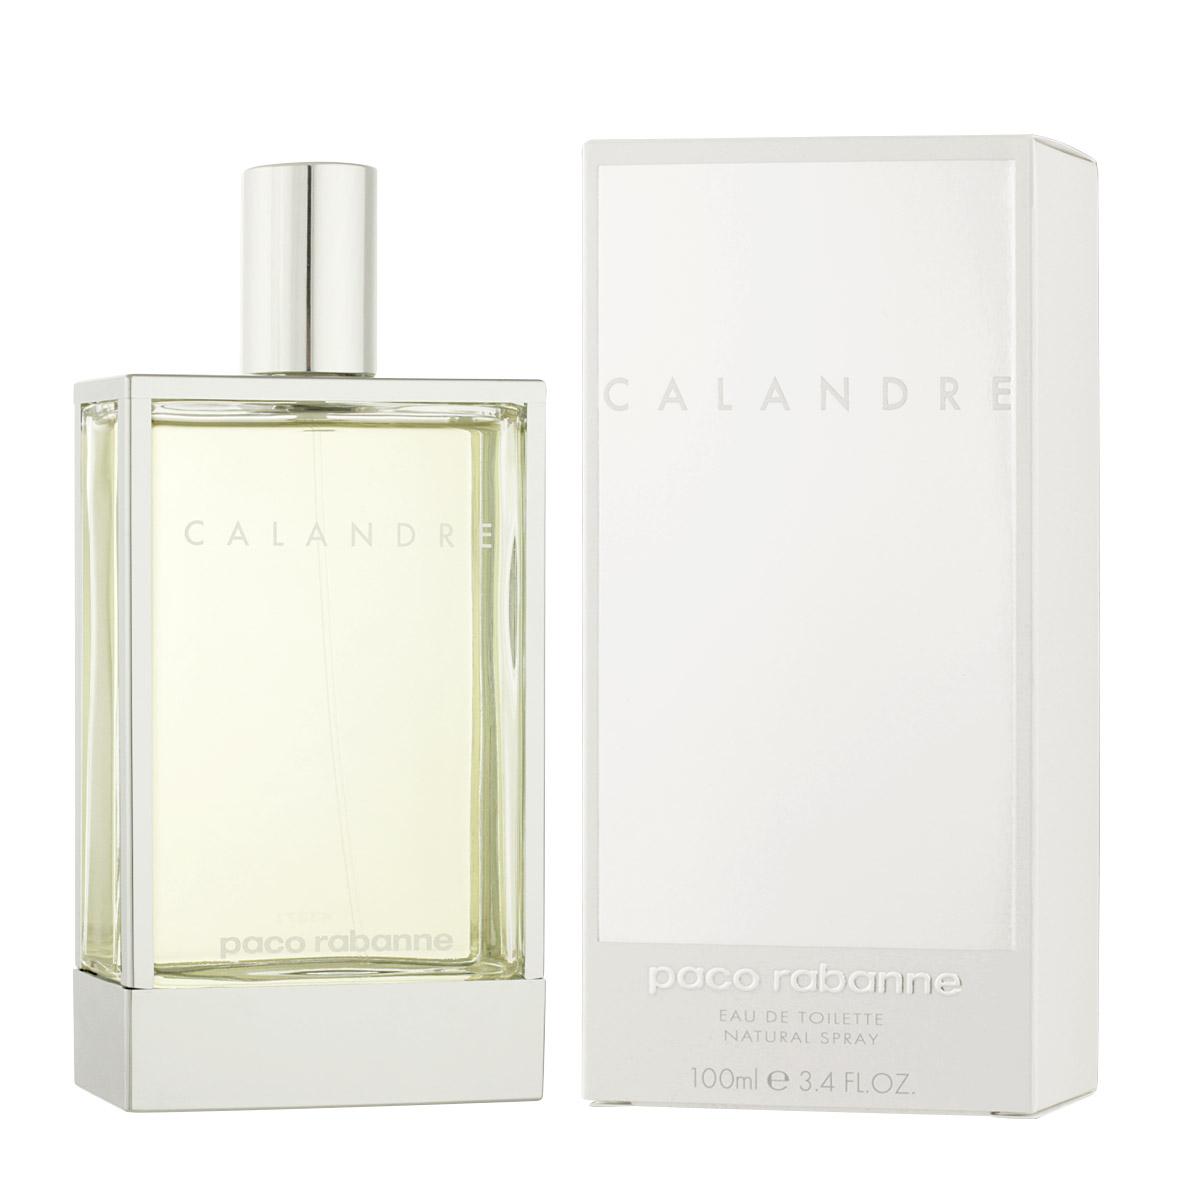 Paco Rabanne Calandre Eau De Toilette 100 ml (woman) 371